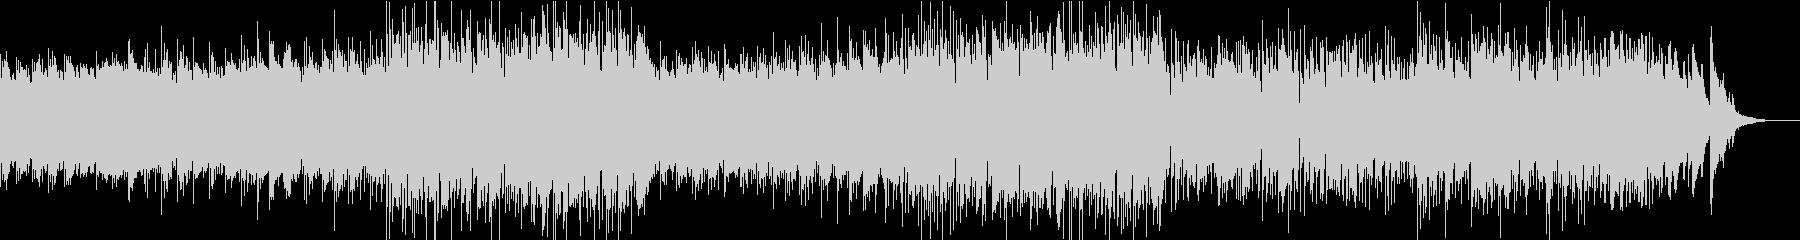 凛とした雰囲気のピアノジャズフュージョンの未再生の波形